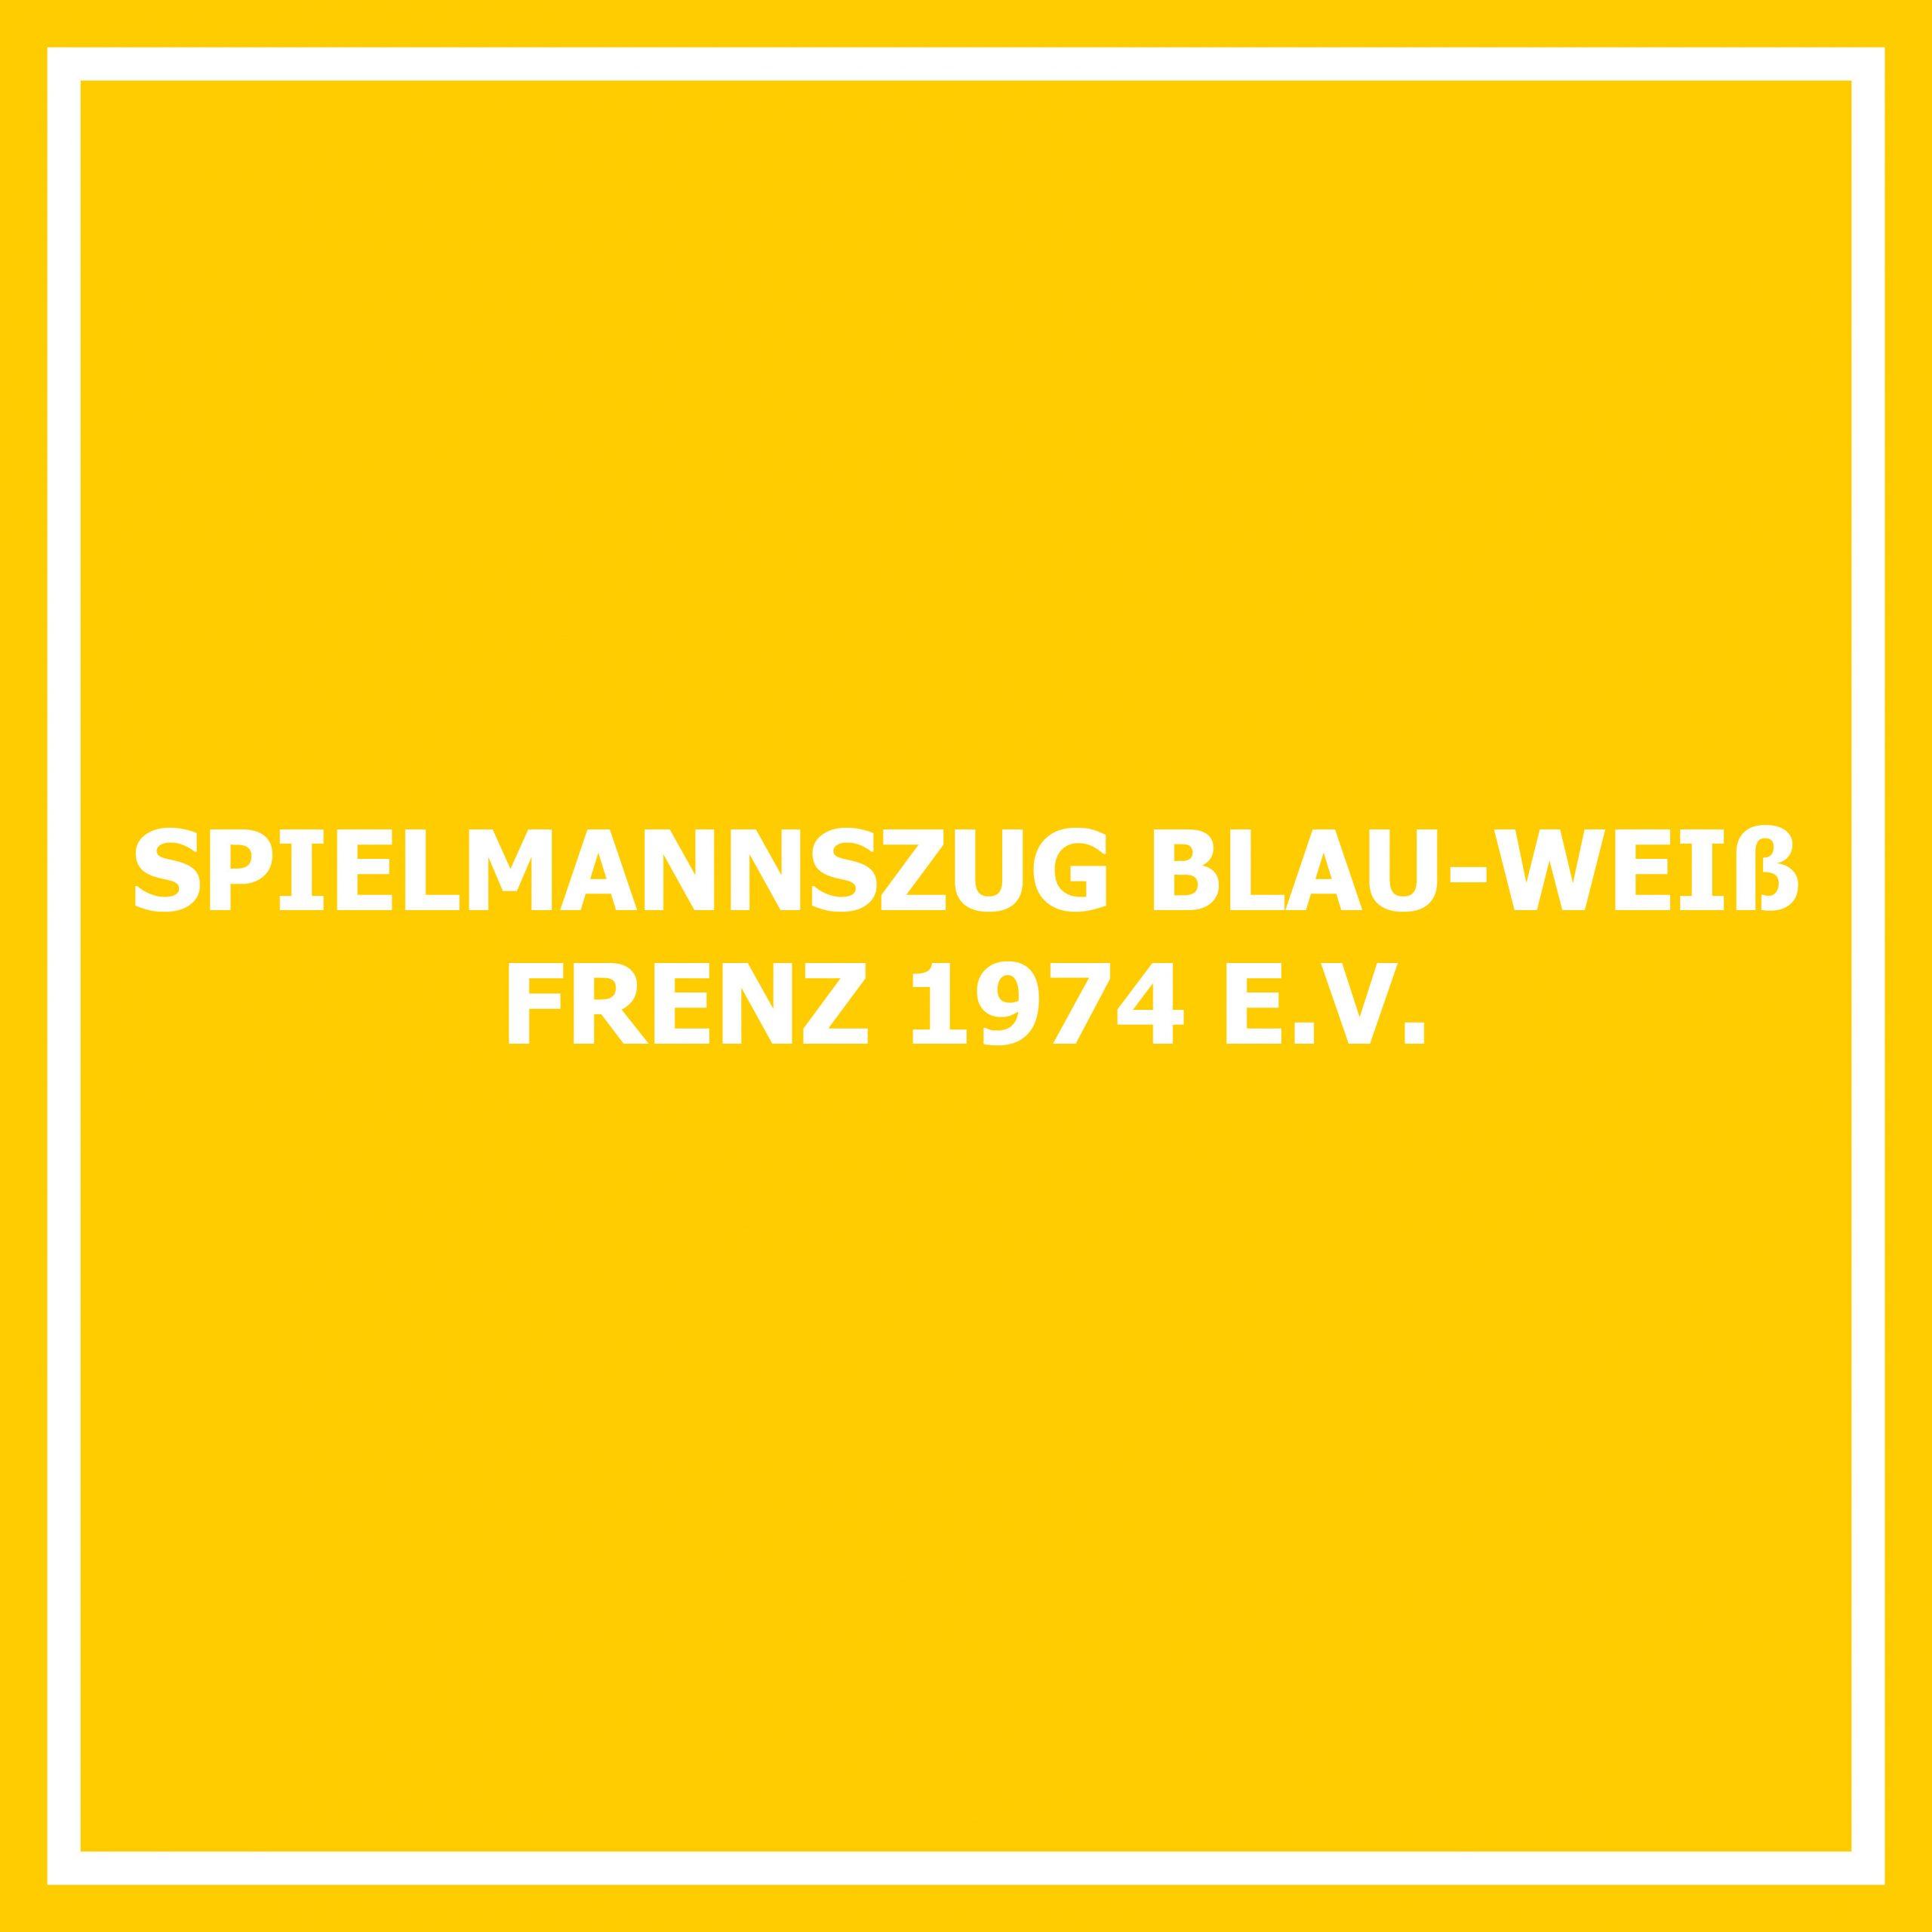 Spielmannszug Blau-Weiß 1974 Frenz e. V.